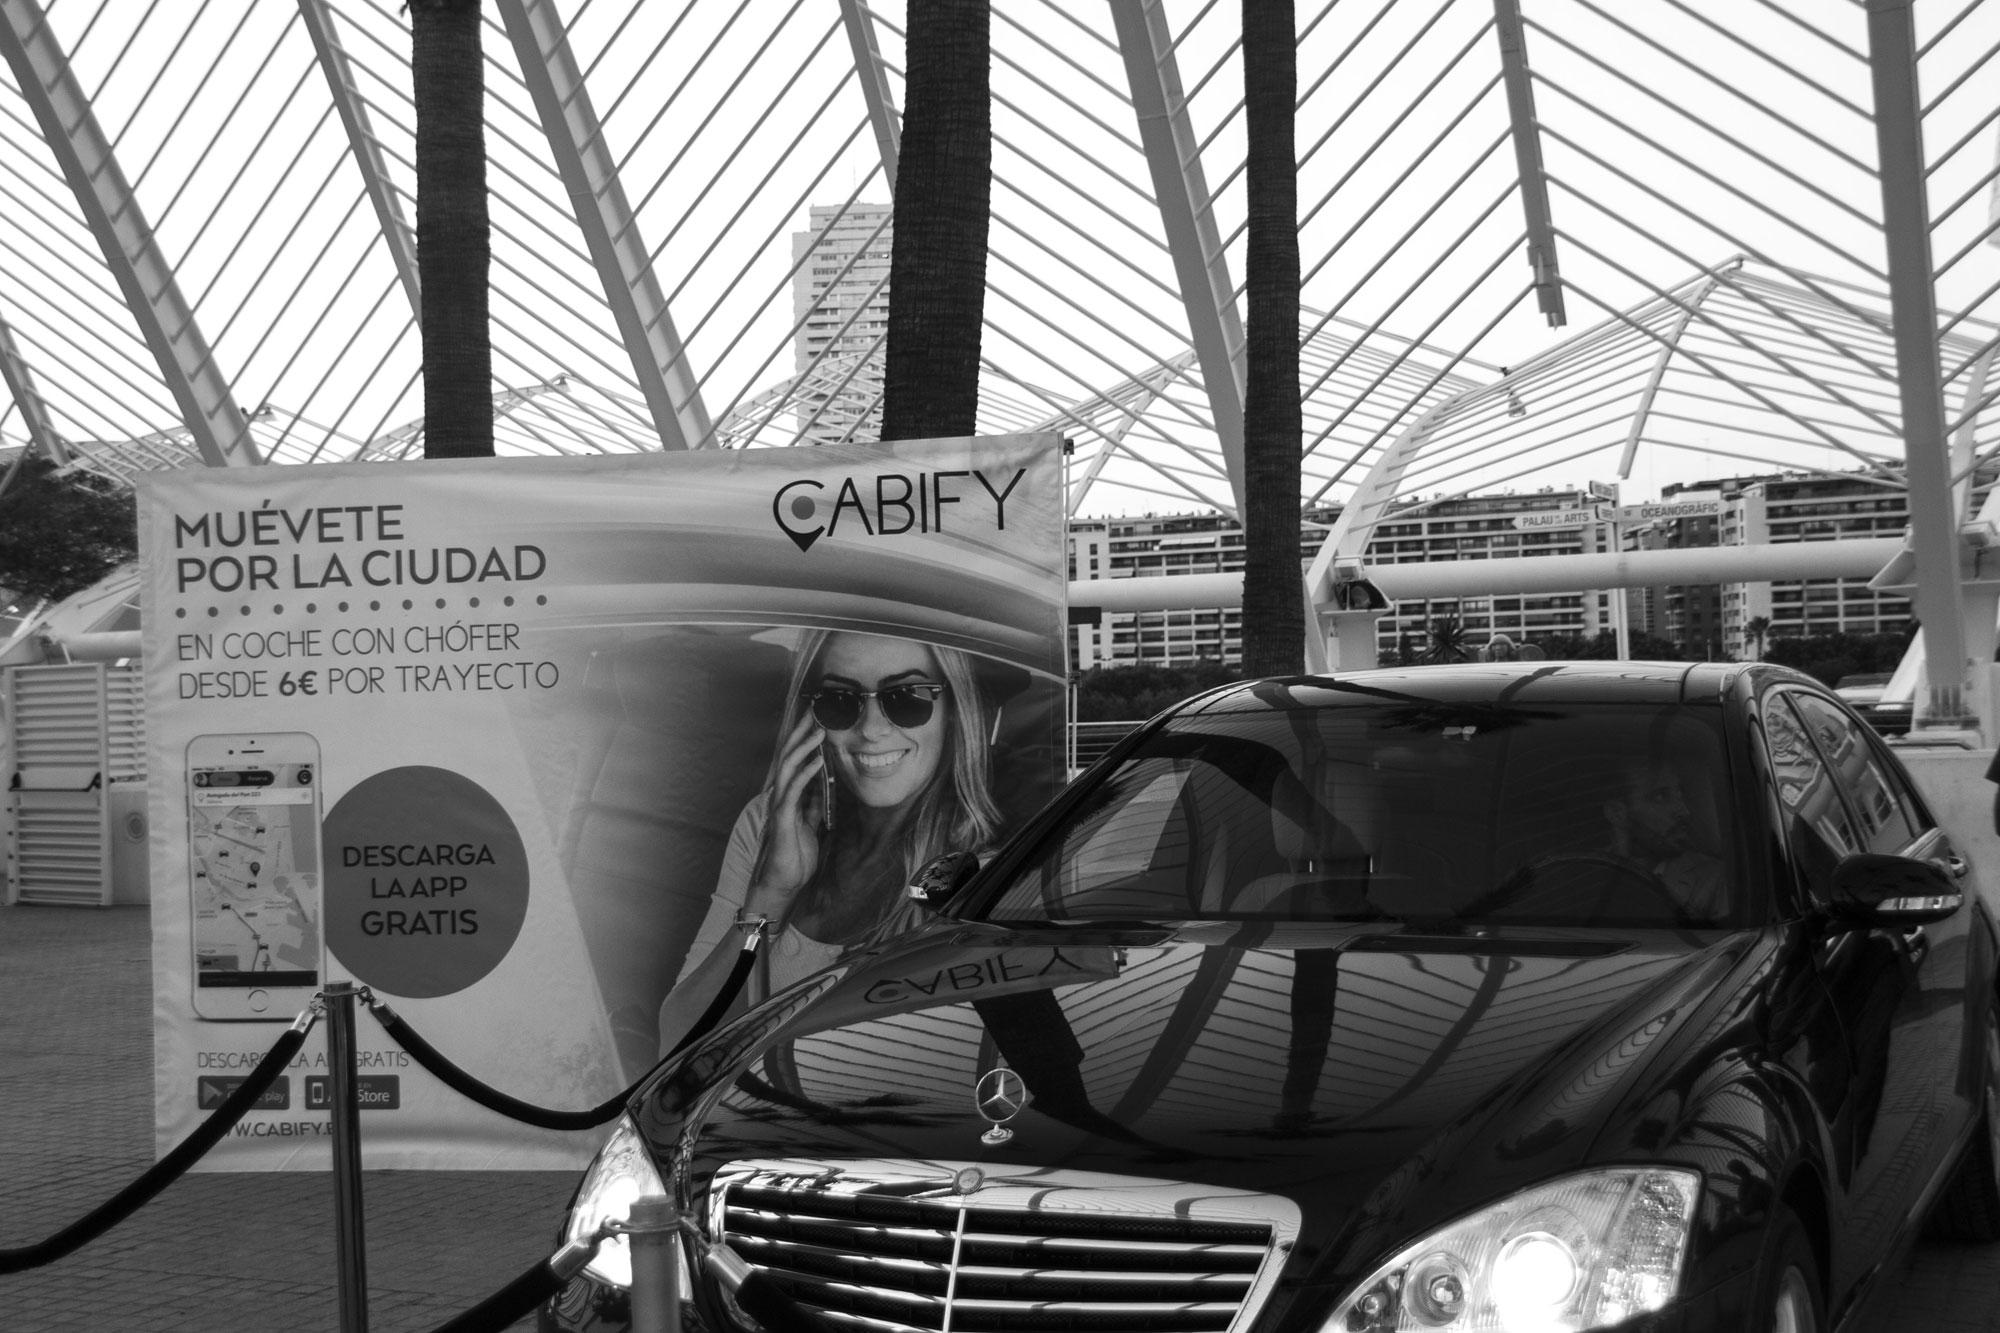 Evento de Cabify